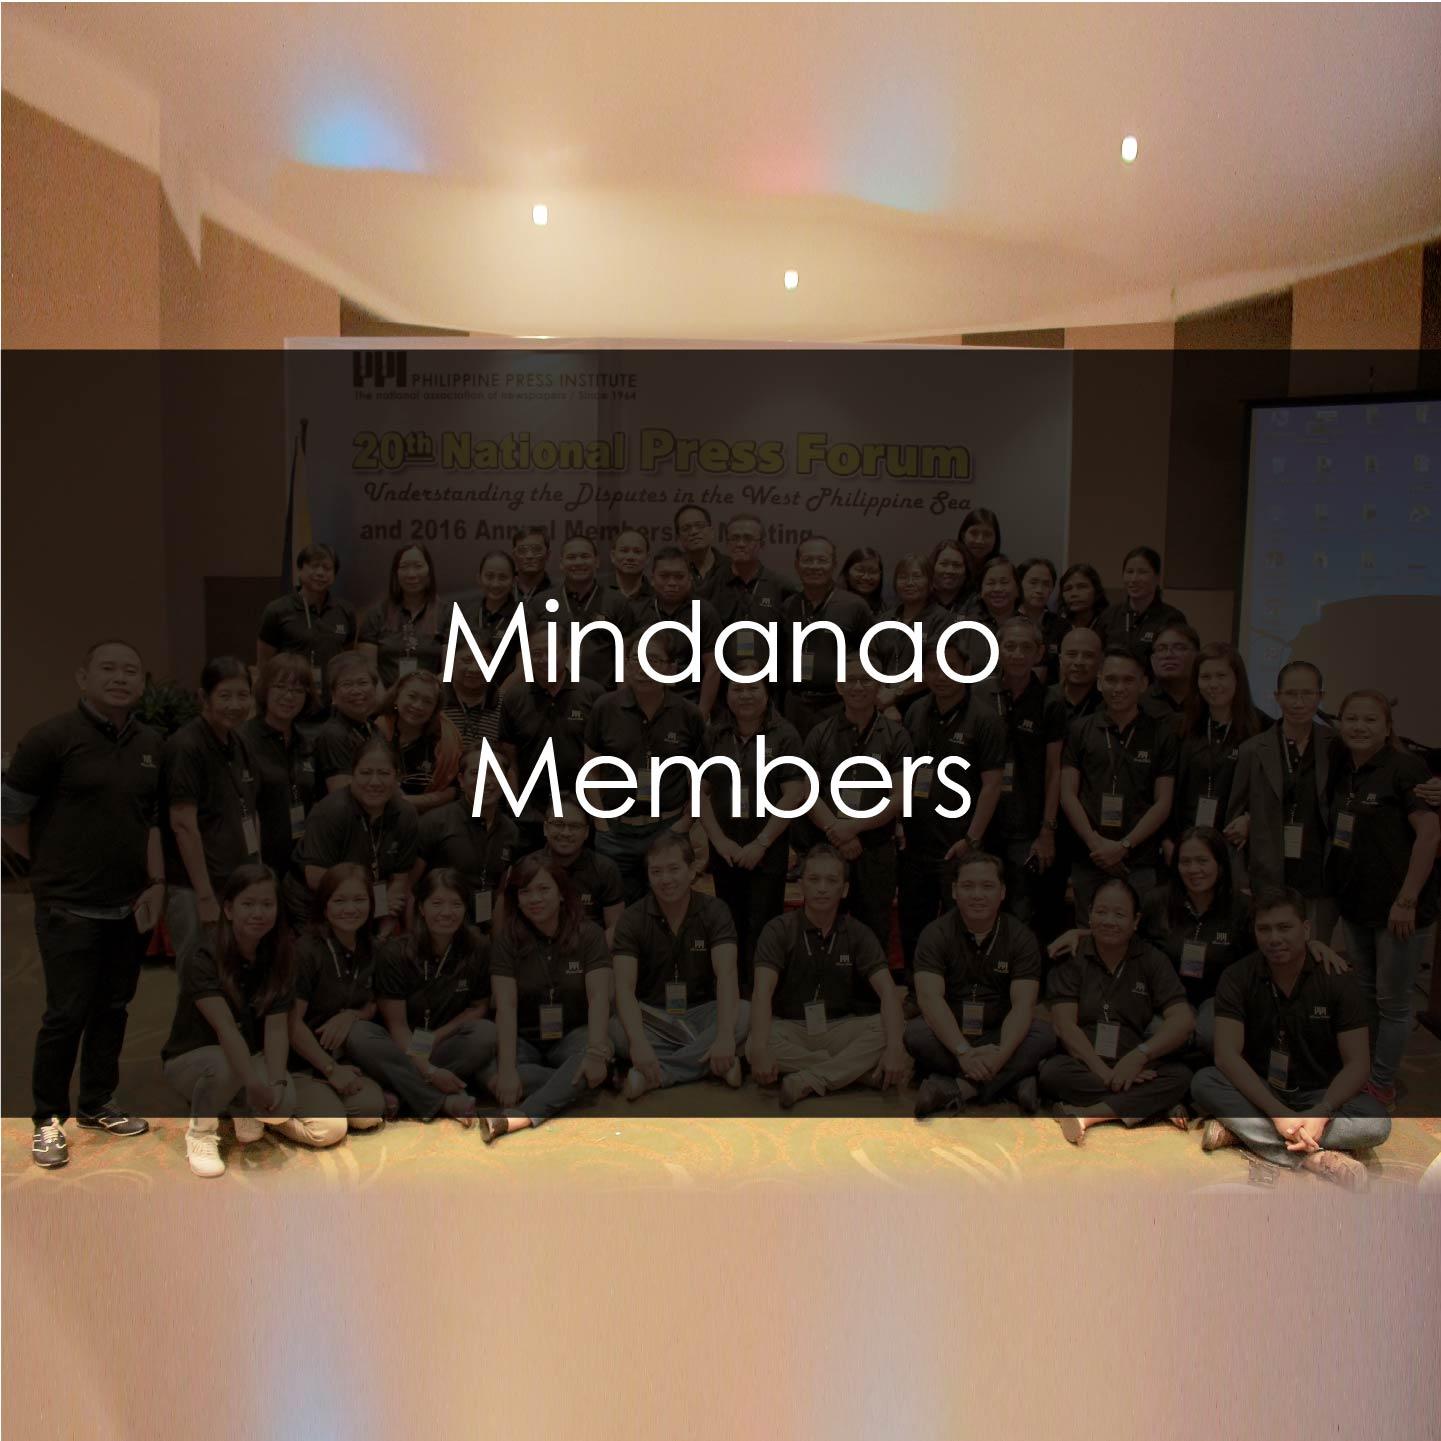 PPI Mindanao Members Thumbnail